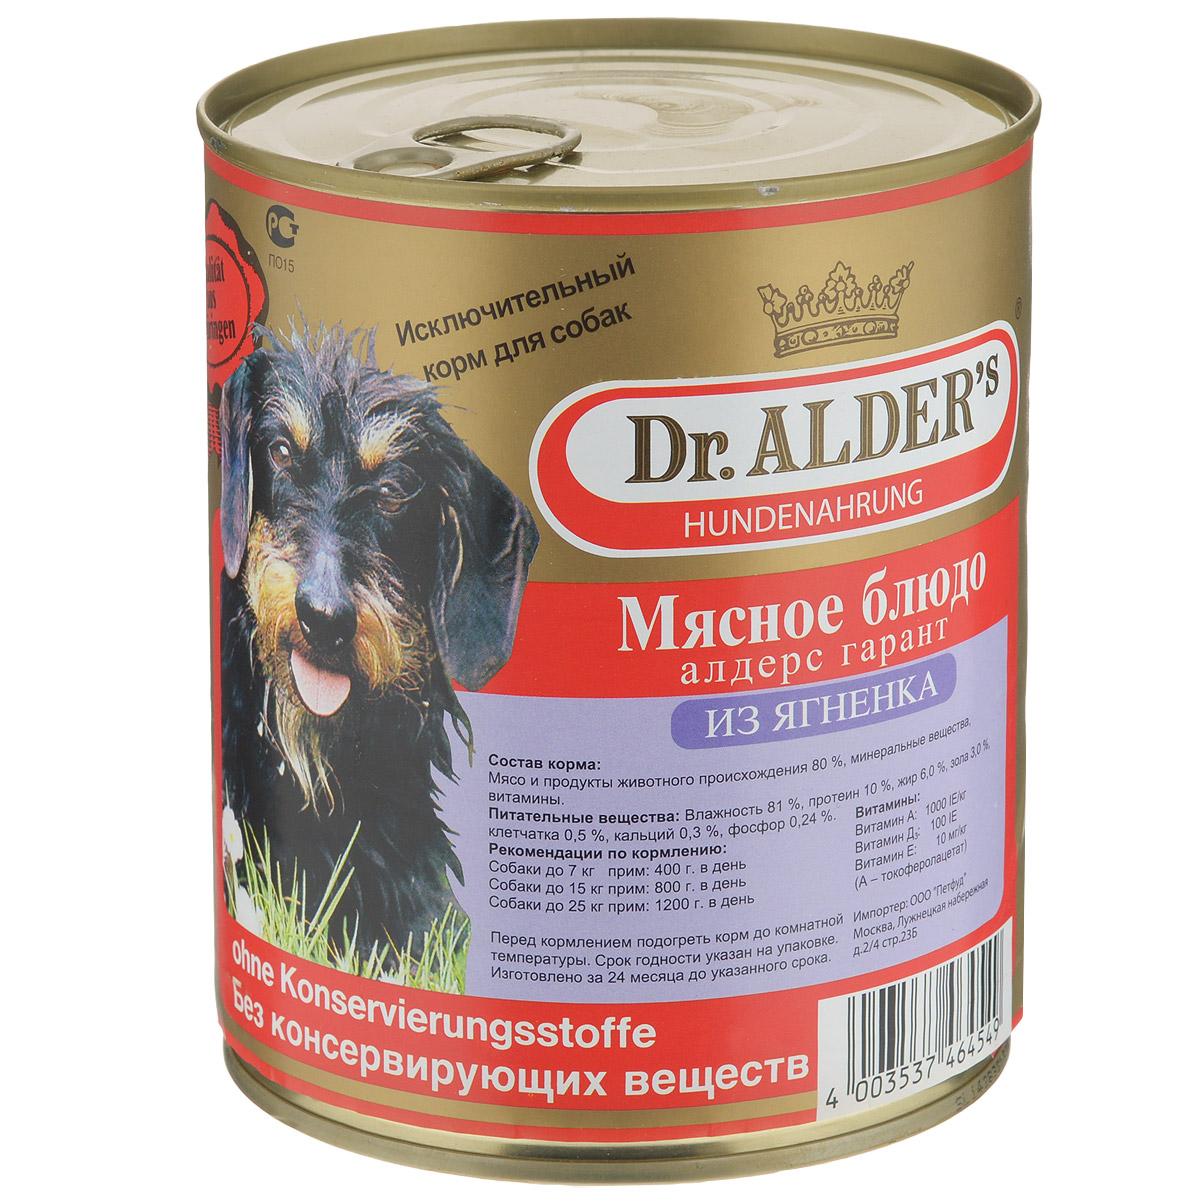 Консервы для собак Dr. Alders, с ягненком, 800 г25600Консервы для собак Dr. Alders - мясное питание, производимое только из мяса без наполнителей и применения консервирующих веществ, красителей, вкусовых добавок. Применение: данный продукт является полнорационным сбалансированным кормом и идеально подходит как для ежедневного кормления в чистом виде, так и для добавок к кашам, супам и сухим кормам. Щенкам рекомендуется давать в чистом виде, начиная с 3-х недельного возраста. Все многообразие используемых продуктов рассчитано для более полного удовлетворения вкусовых привязанностей вашей собаки и для возможности частой перемены рациона. Состав: мясо и продукты животного происхождения (80%), растительные масла, минеральные вещества и витамины. Питательные вещества: влажность 81%, протеин 10%, жир 6%, зола 3%, клетчатка 0,5%, кальций 0,3%, фосфор 0,24%. Товар сертифицирован.